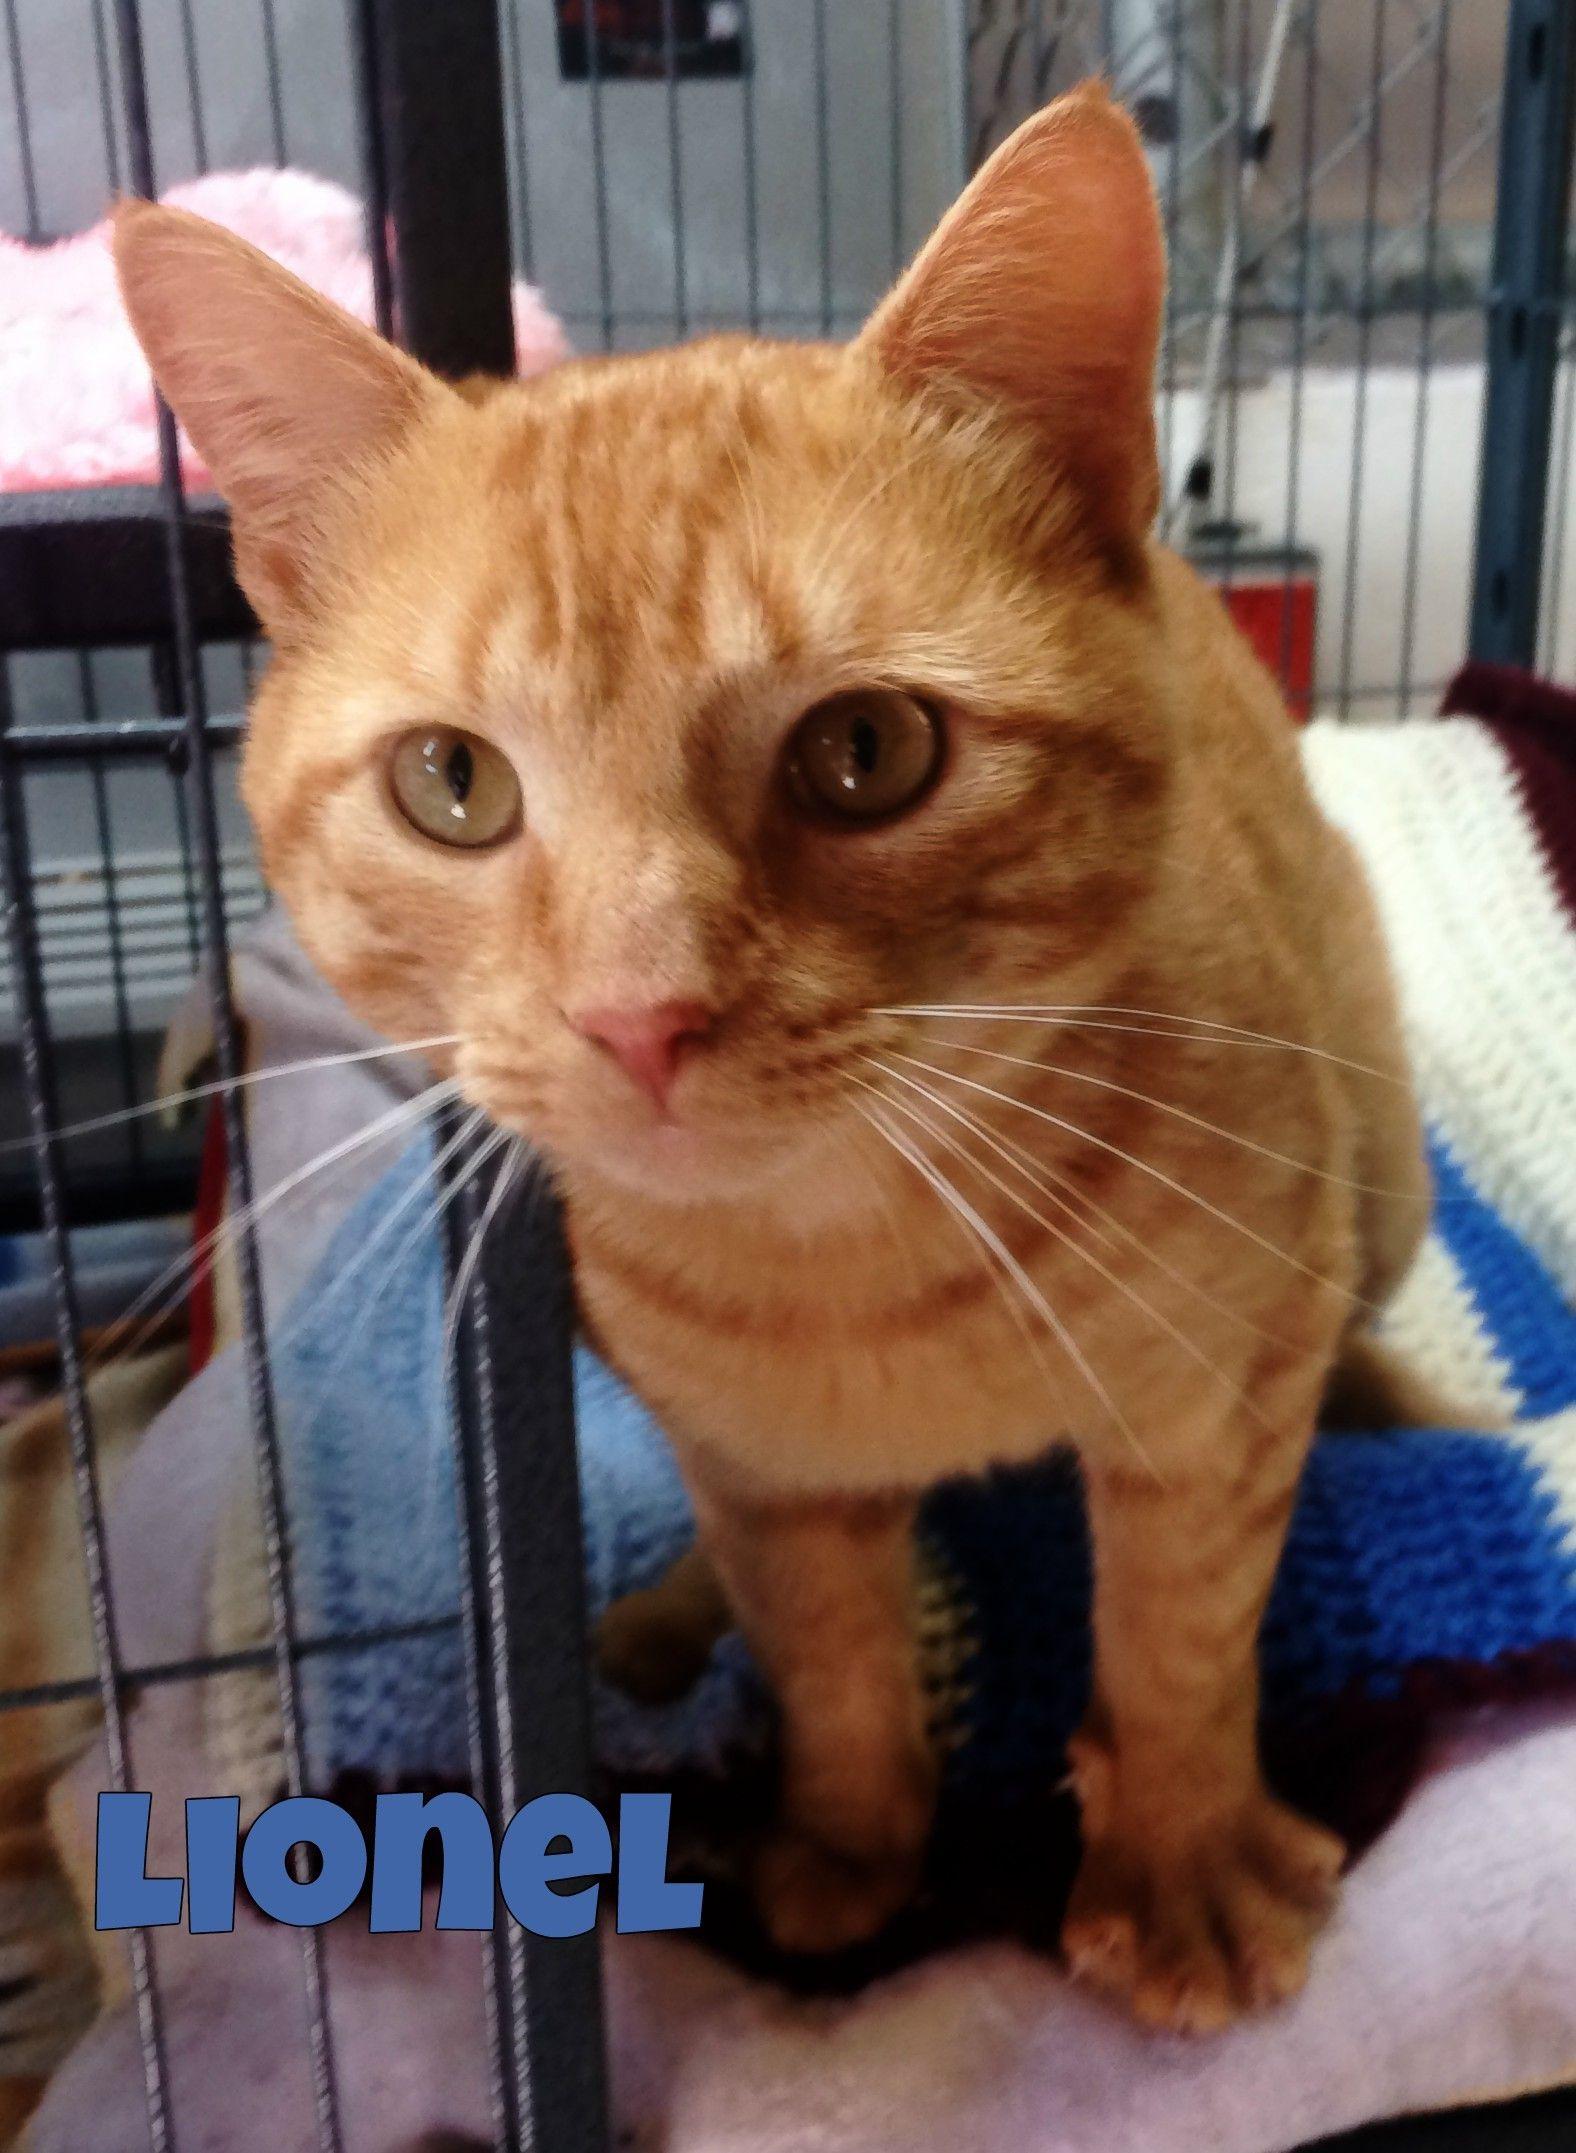 Adopt Lionel On Petfinder In 2020 Cat Adoption Cat Help Cute Animal Photos